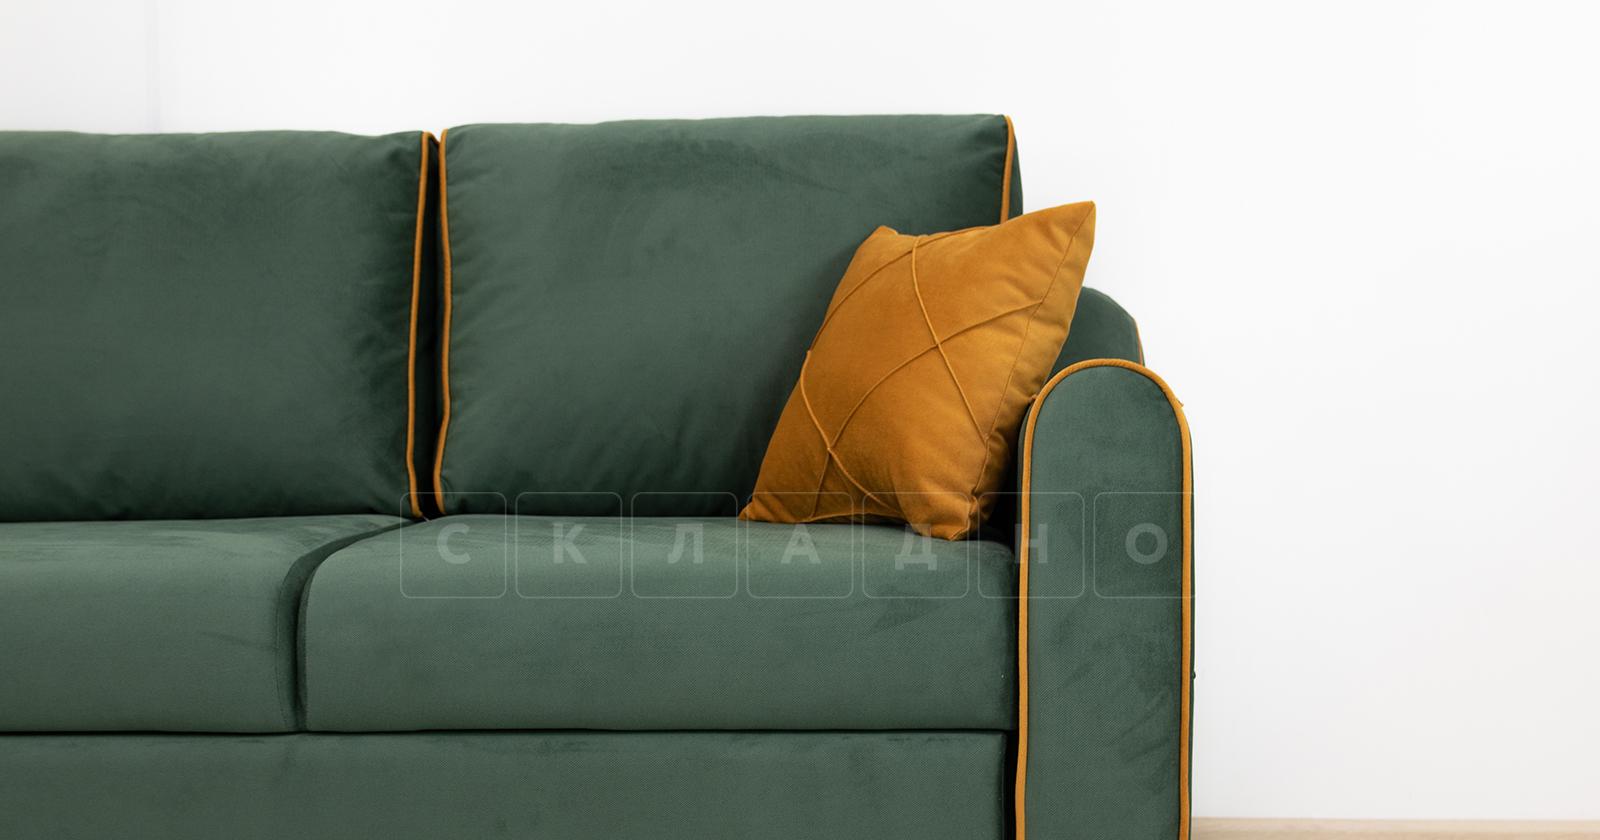 Диван-кровать угловой Флэтфорд нефритовый зеленый фото 12 | интернет-магазин Складно